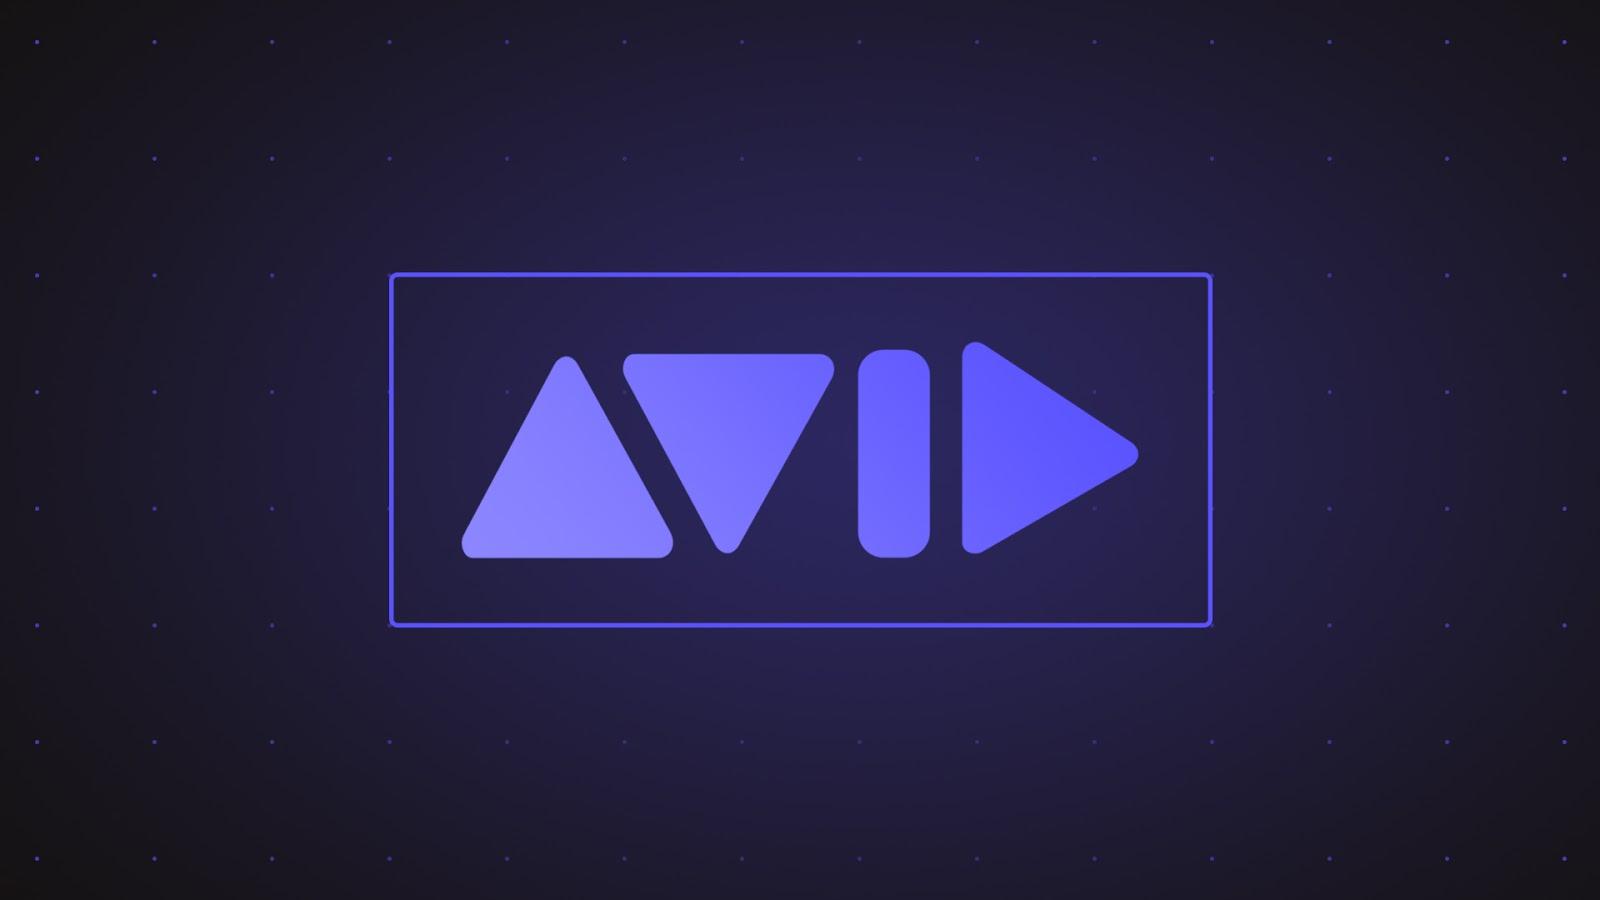 دانلود نسخه جدید اوید مدیا کامپوزر Avid Media Composer